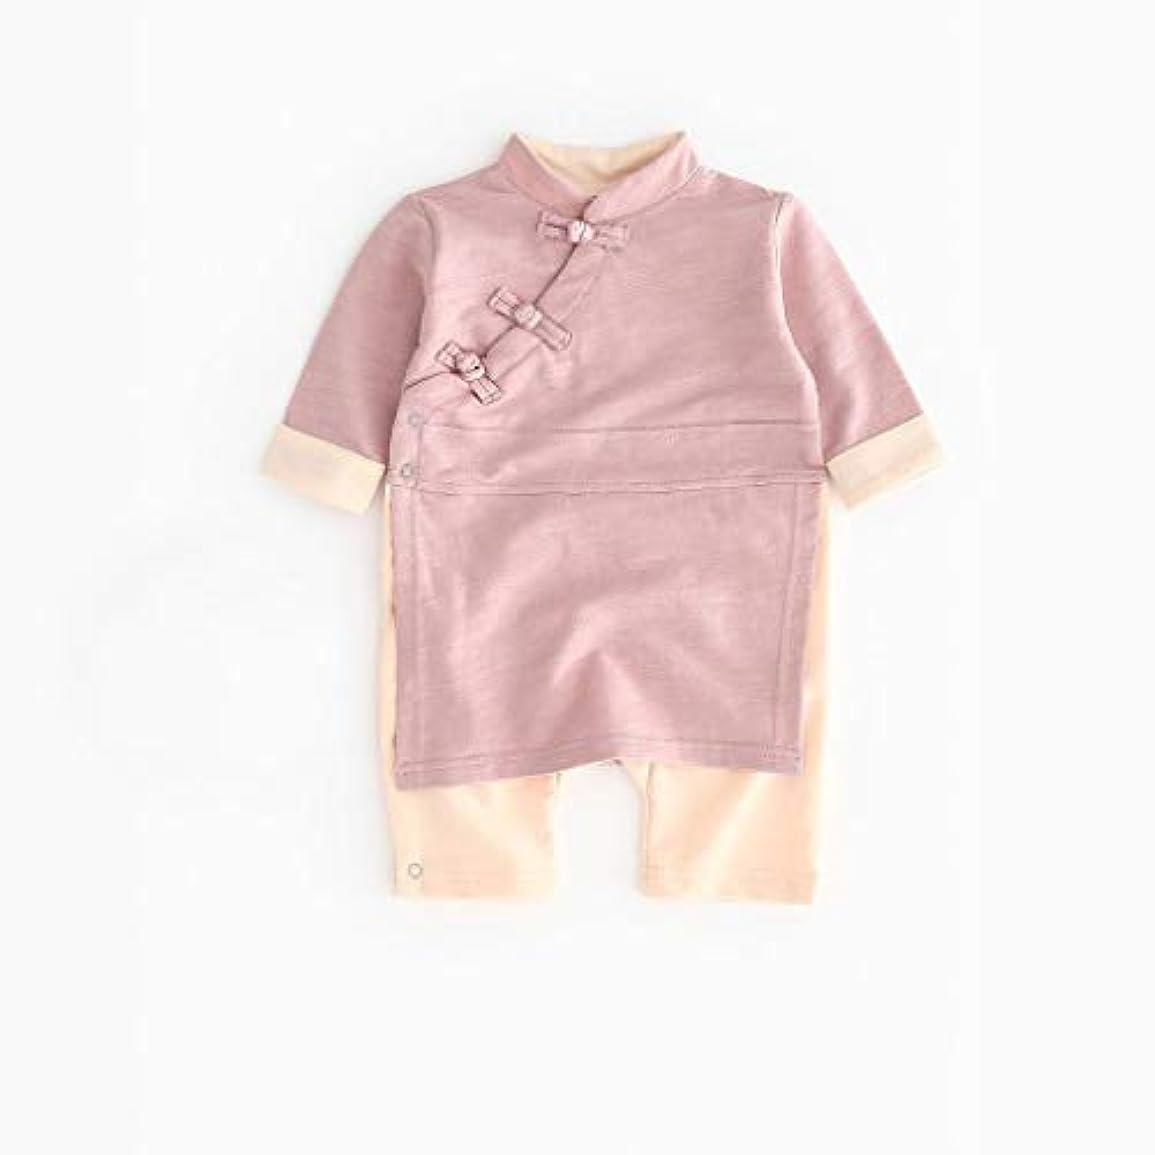 母性海軍ぞっとするようなかわいいボタン漢風生まれたばかりの赤ちゃん男の子女の子ボタン固体ロンパースジャンプスーツ着物服パジャマ女の子男の子レターストライプ長袖コットンロンパースジャンプスーツ